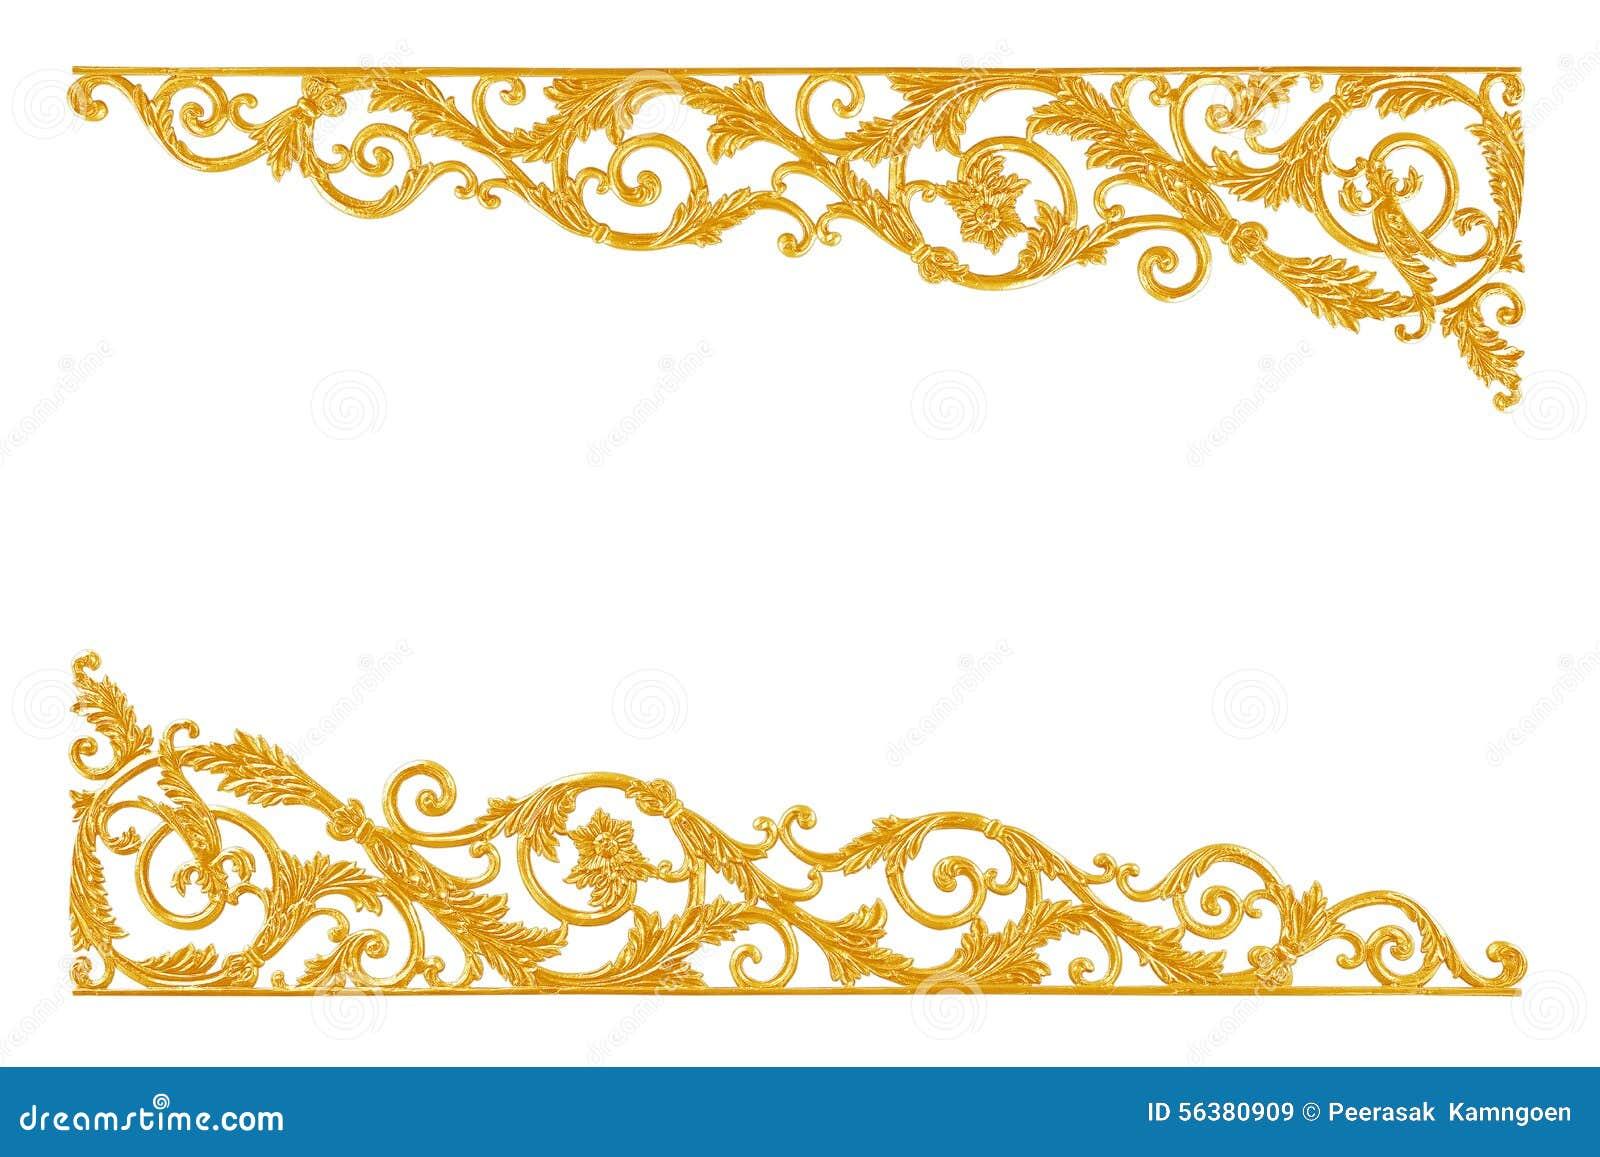 Στοιχεία διακοσμήσεων, εκλεκτής ποιότητας χρυσά floral σχέδια